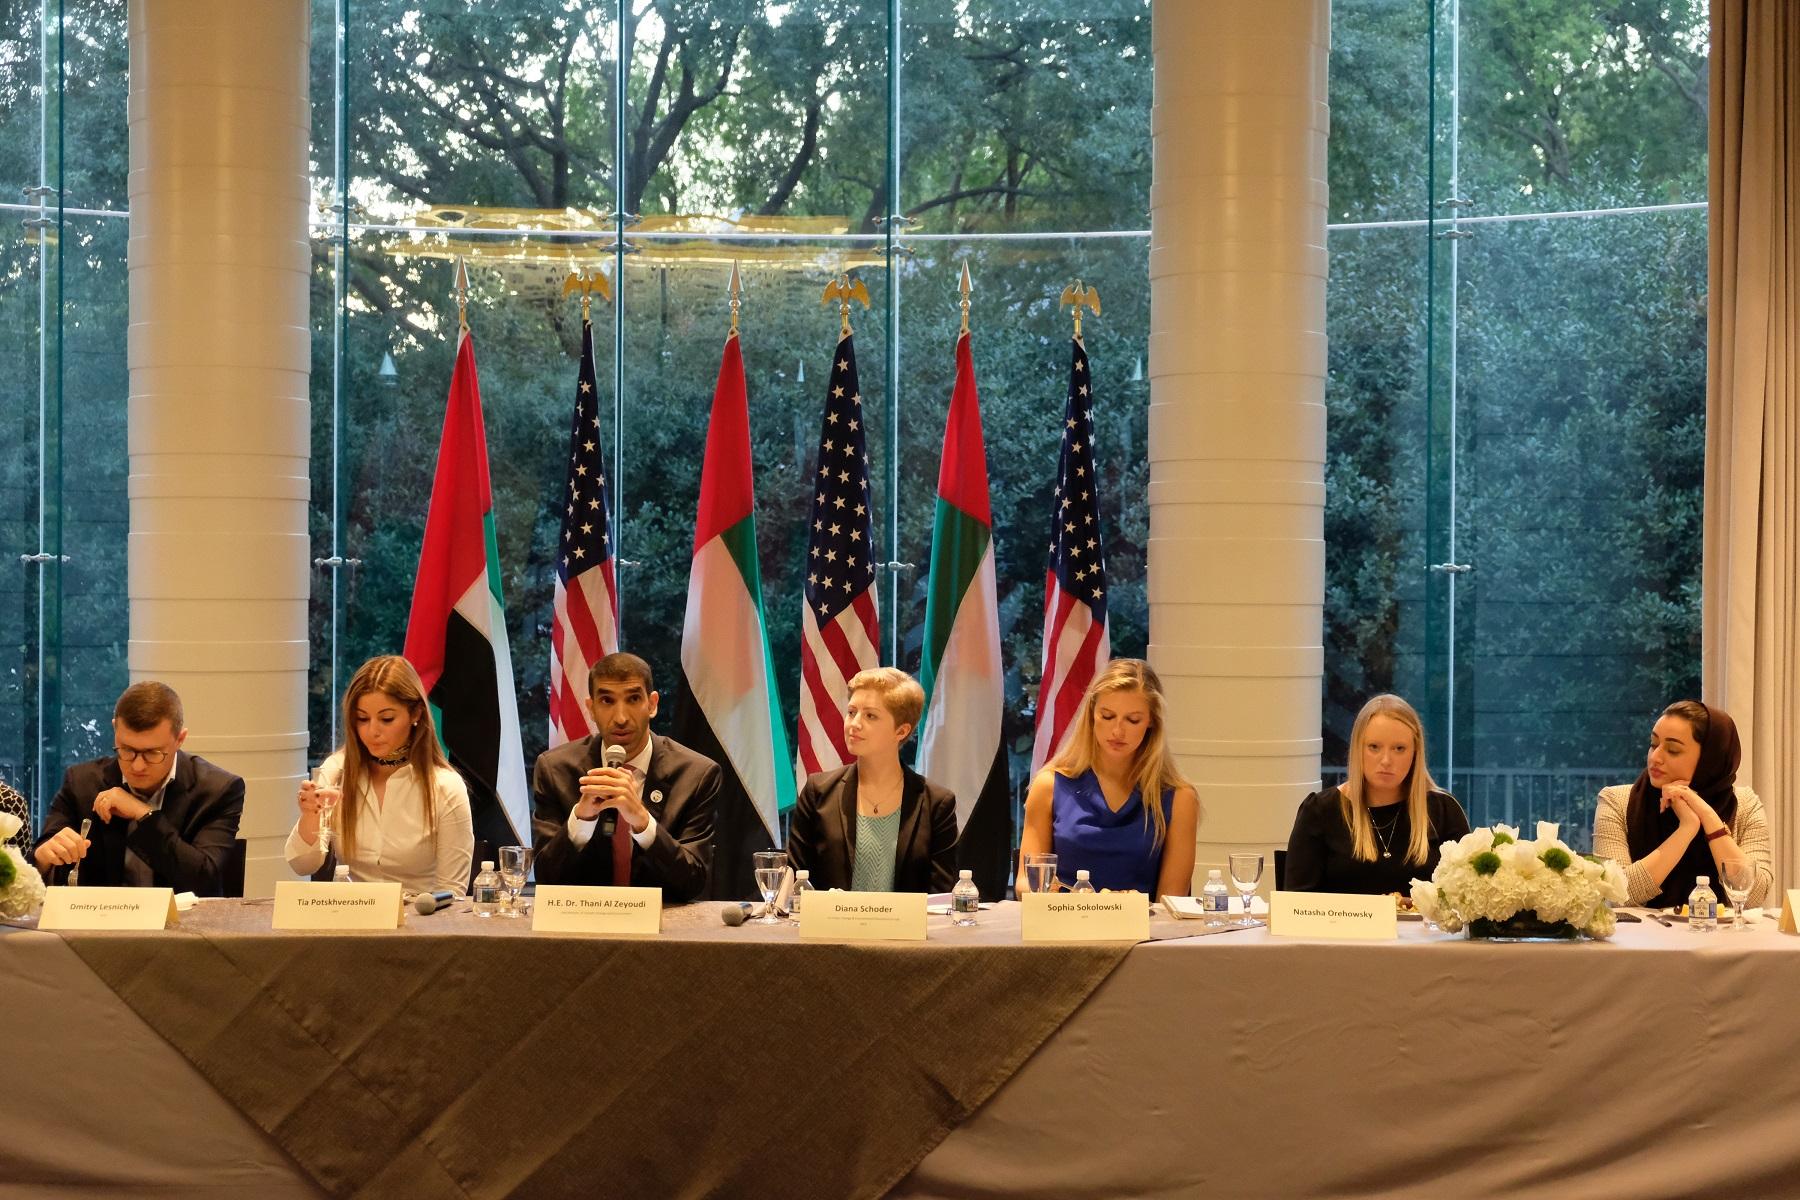 الزيودي: الإمارات تقدم نموذجا فعالا في التعامل مع تحدي التغير المناخي